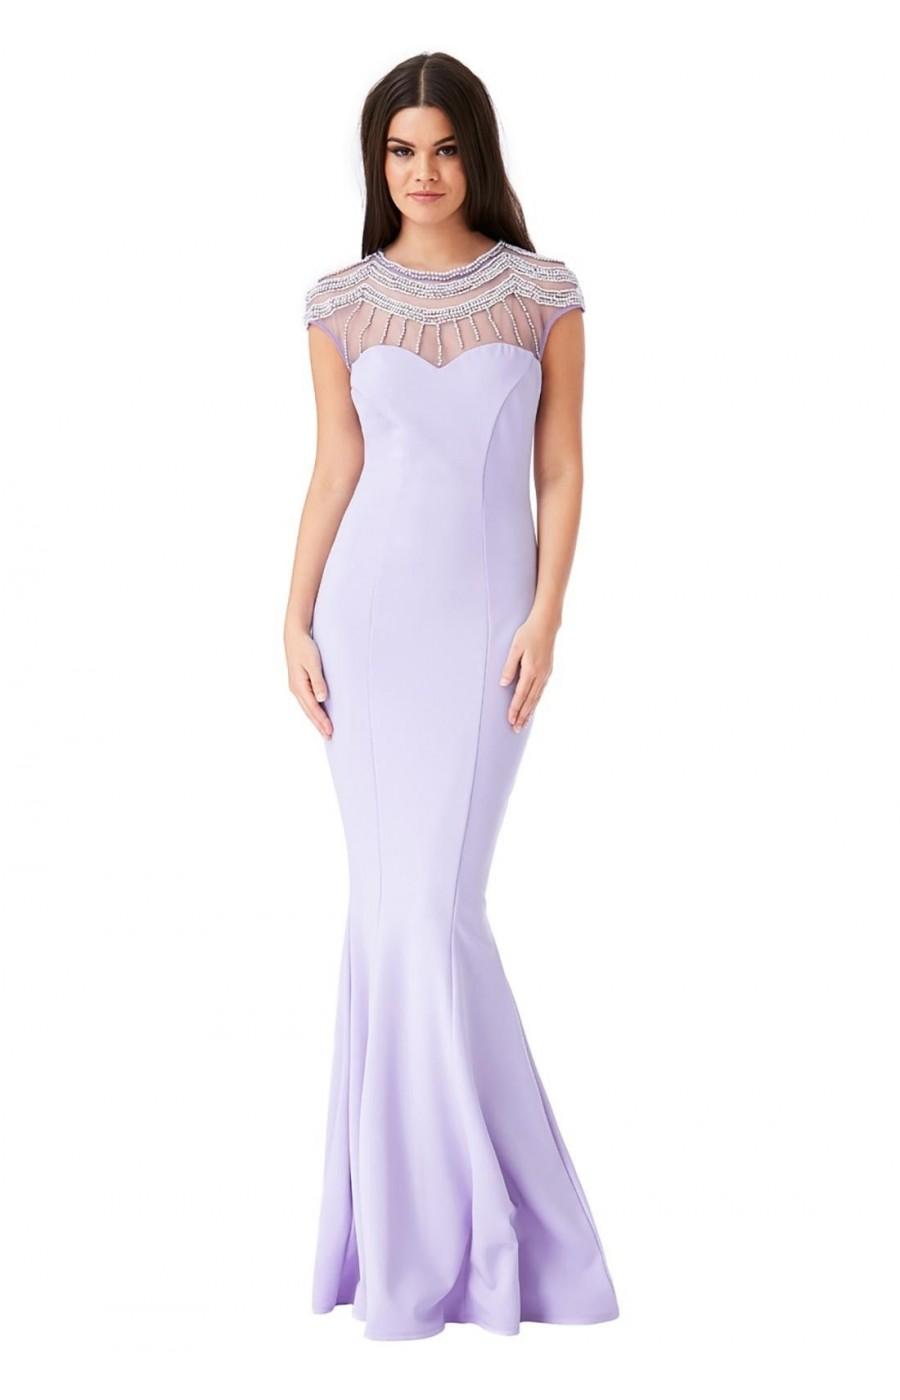 Μακρύ φόρεμα με κέντημα στο επάνω μέρος στο χρώμα της λεβάντας